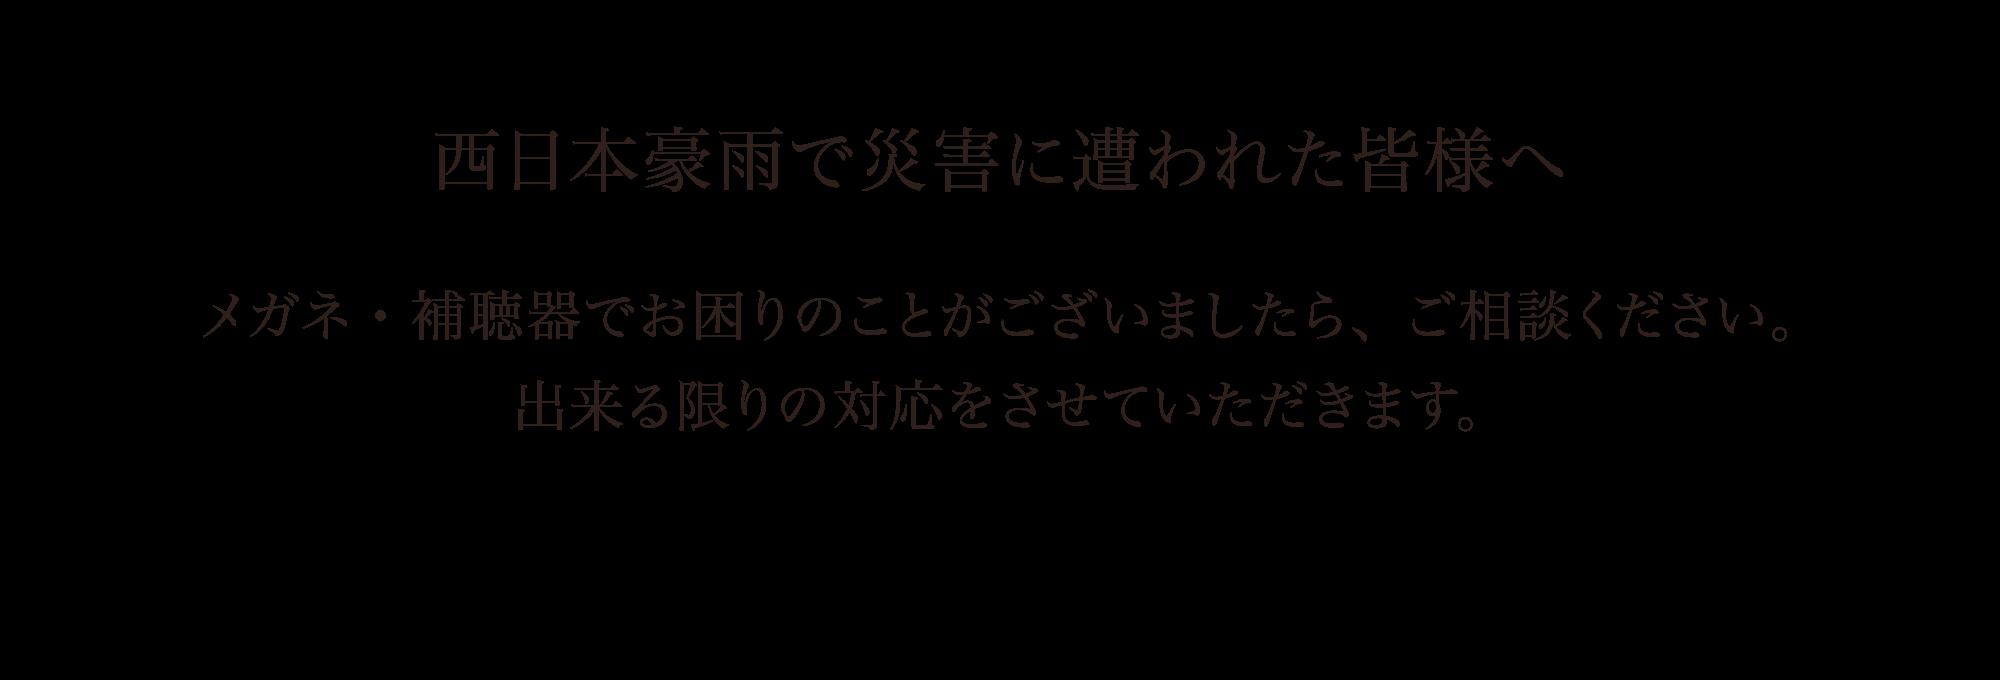 西日本豪雨の災害に遭われた皆様へ